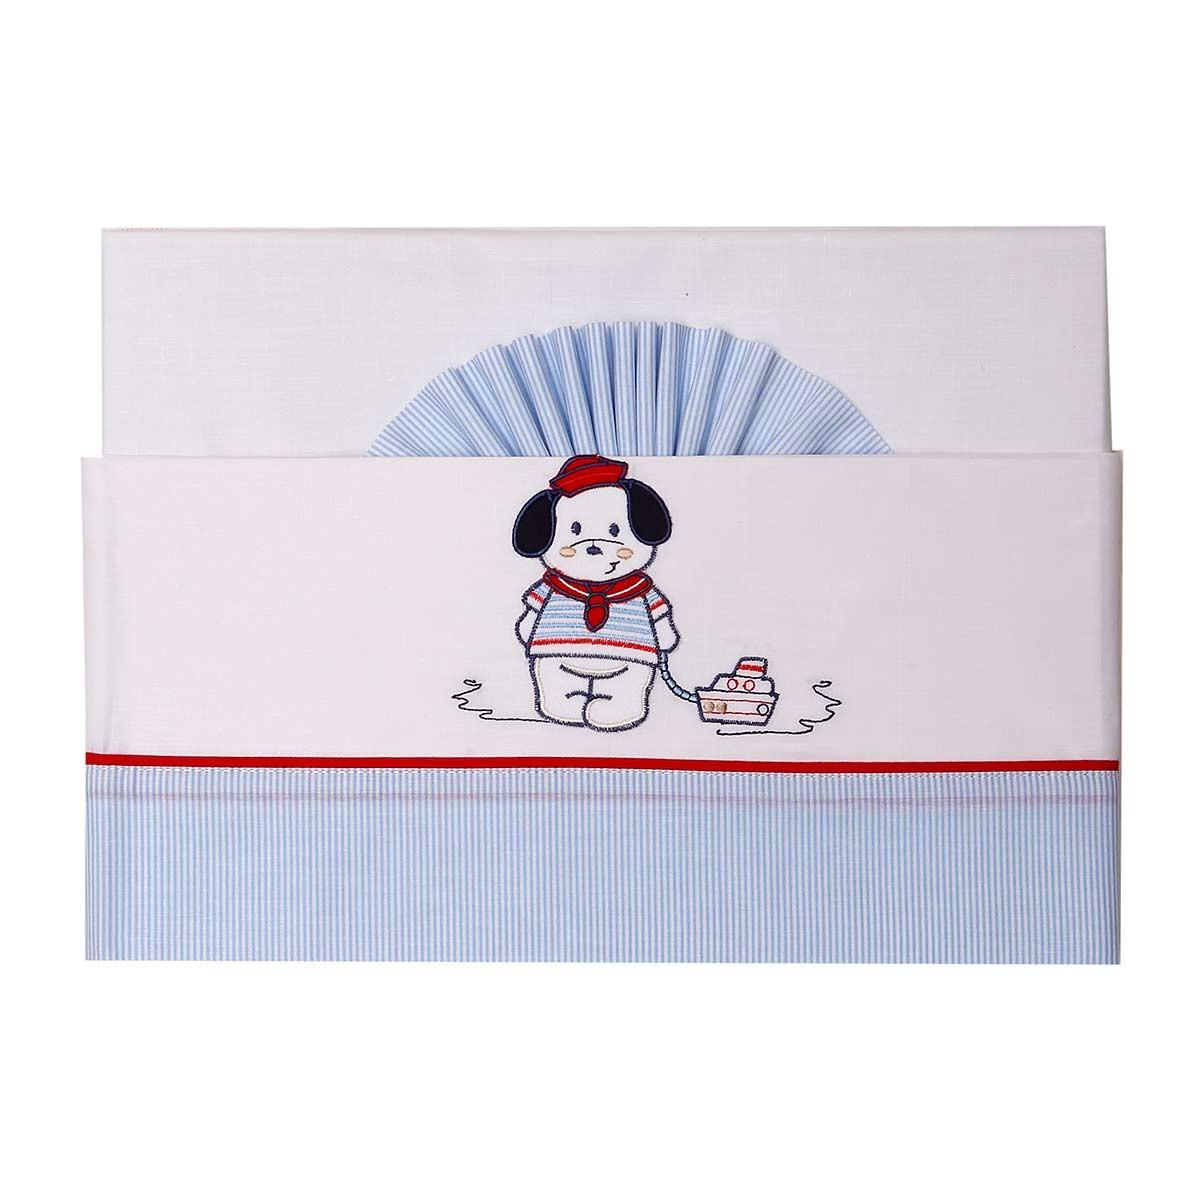 Σεντόνια Κούνιας (Σετ) Viopros Baby Applique Ναυτάκι